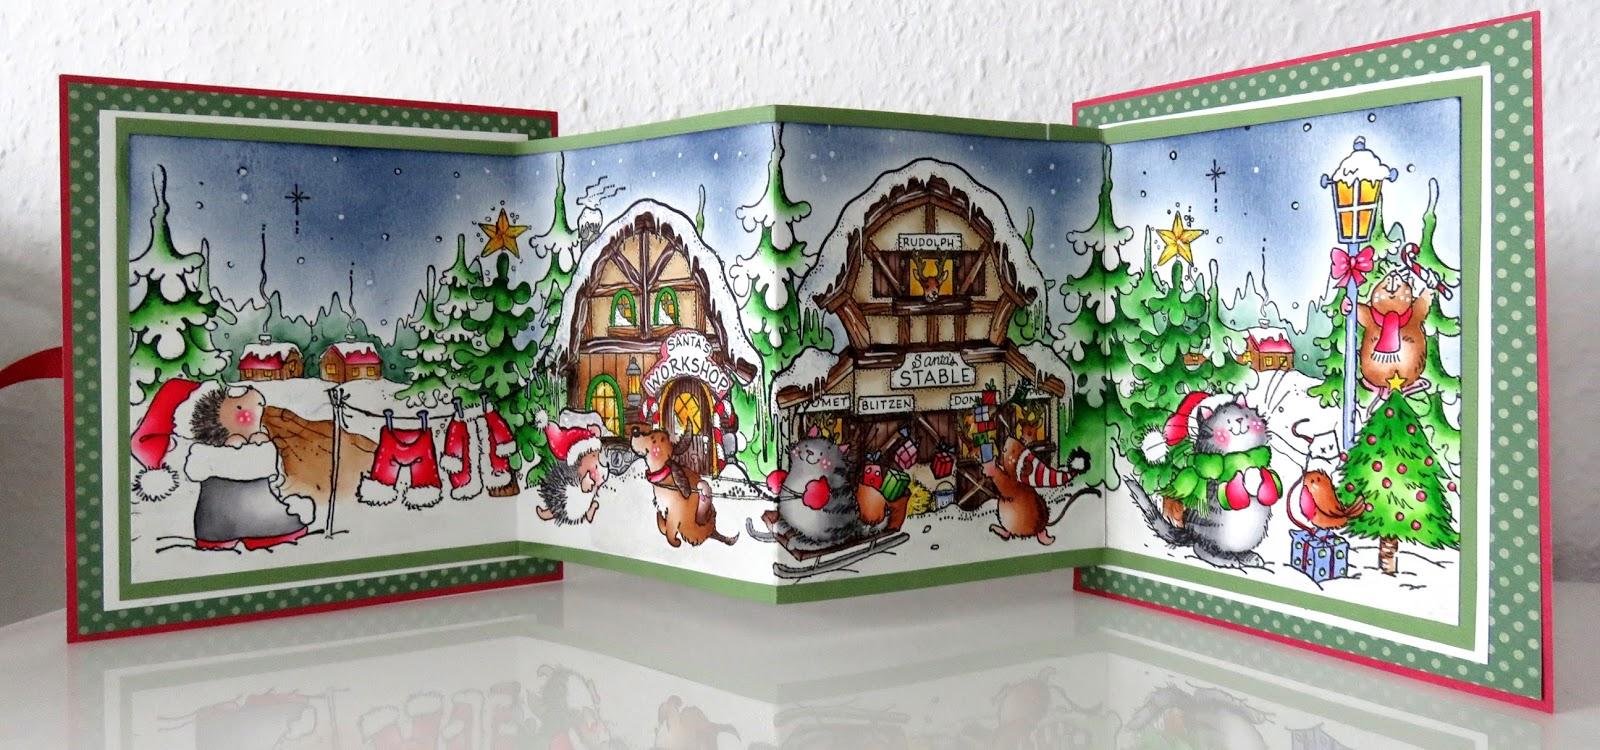 stempelglueck frohe weihnachten der 24 dezember heute ist heilig abend. Black Bedroom Furniture Sets. Home Design Ideas